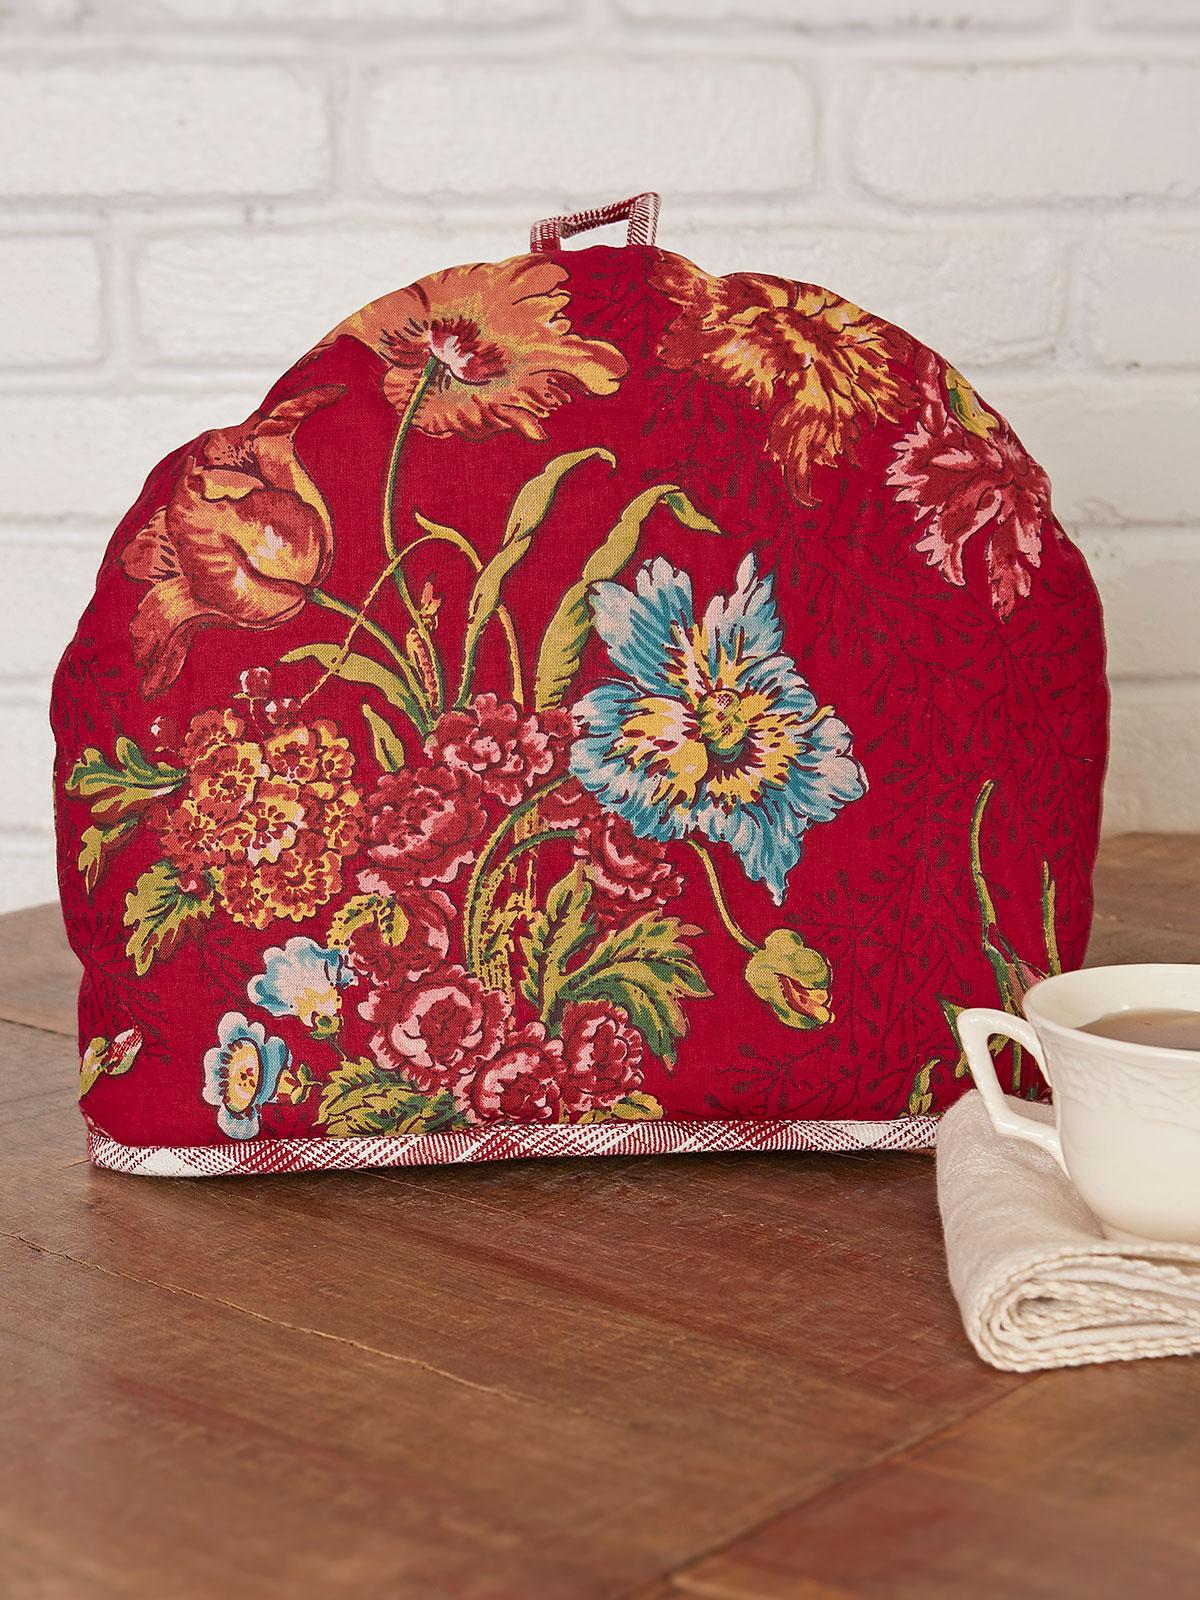 Jewel Patchwork Tea Cozy